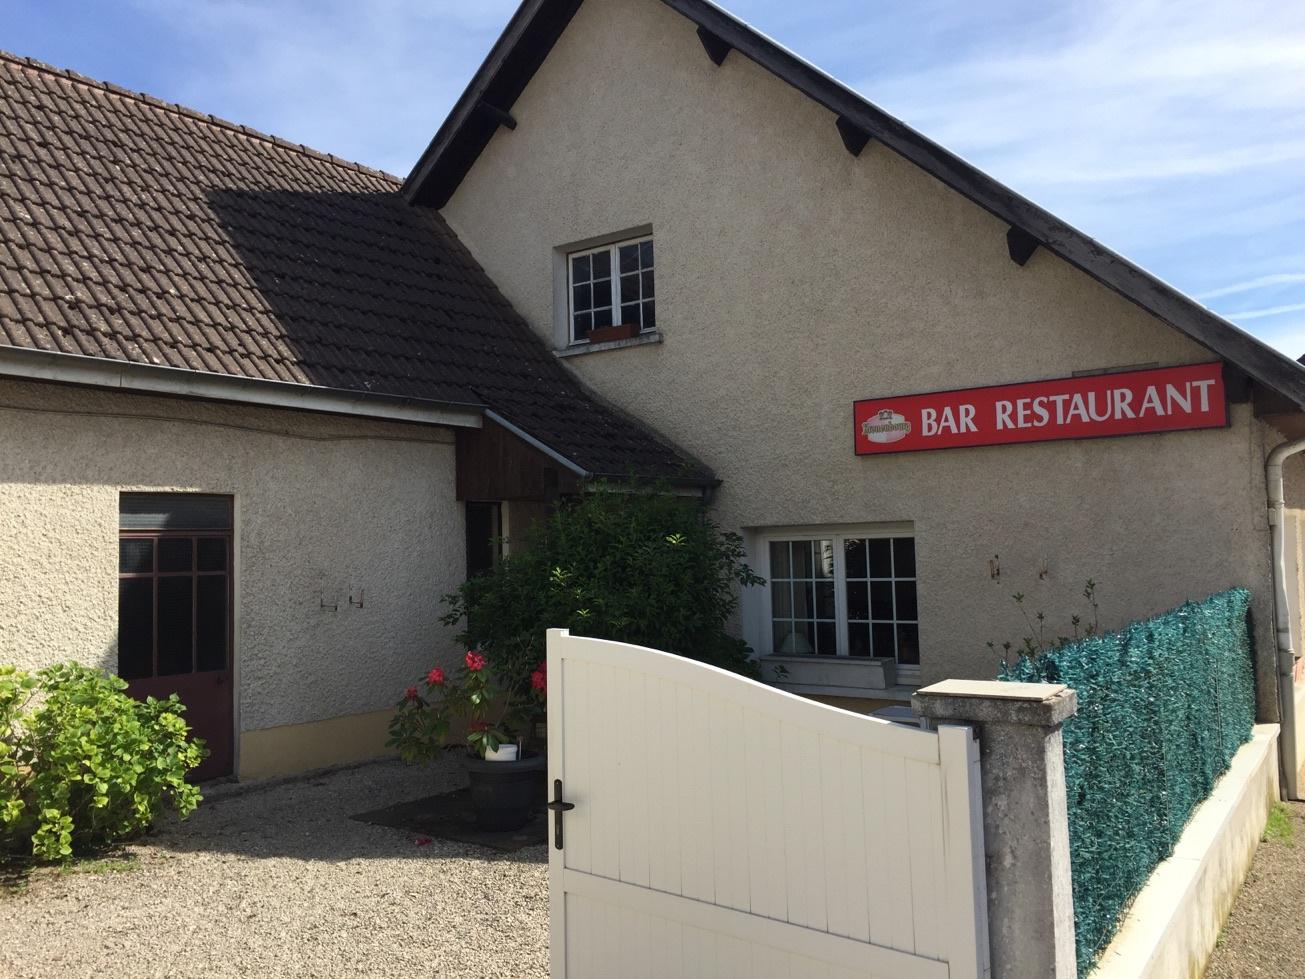 Vente Immobilier Professionnel Murs commerciaux Ruffey-lès-Echirey (21490)